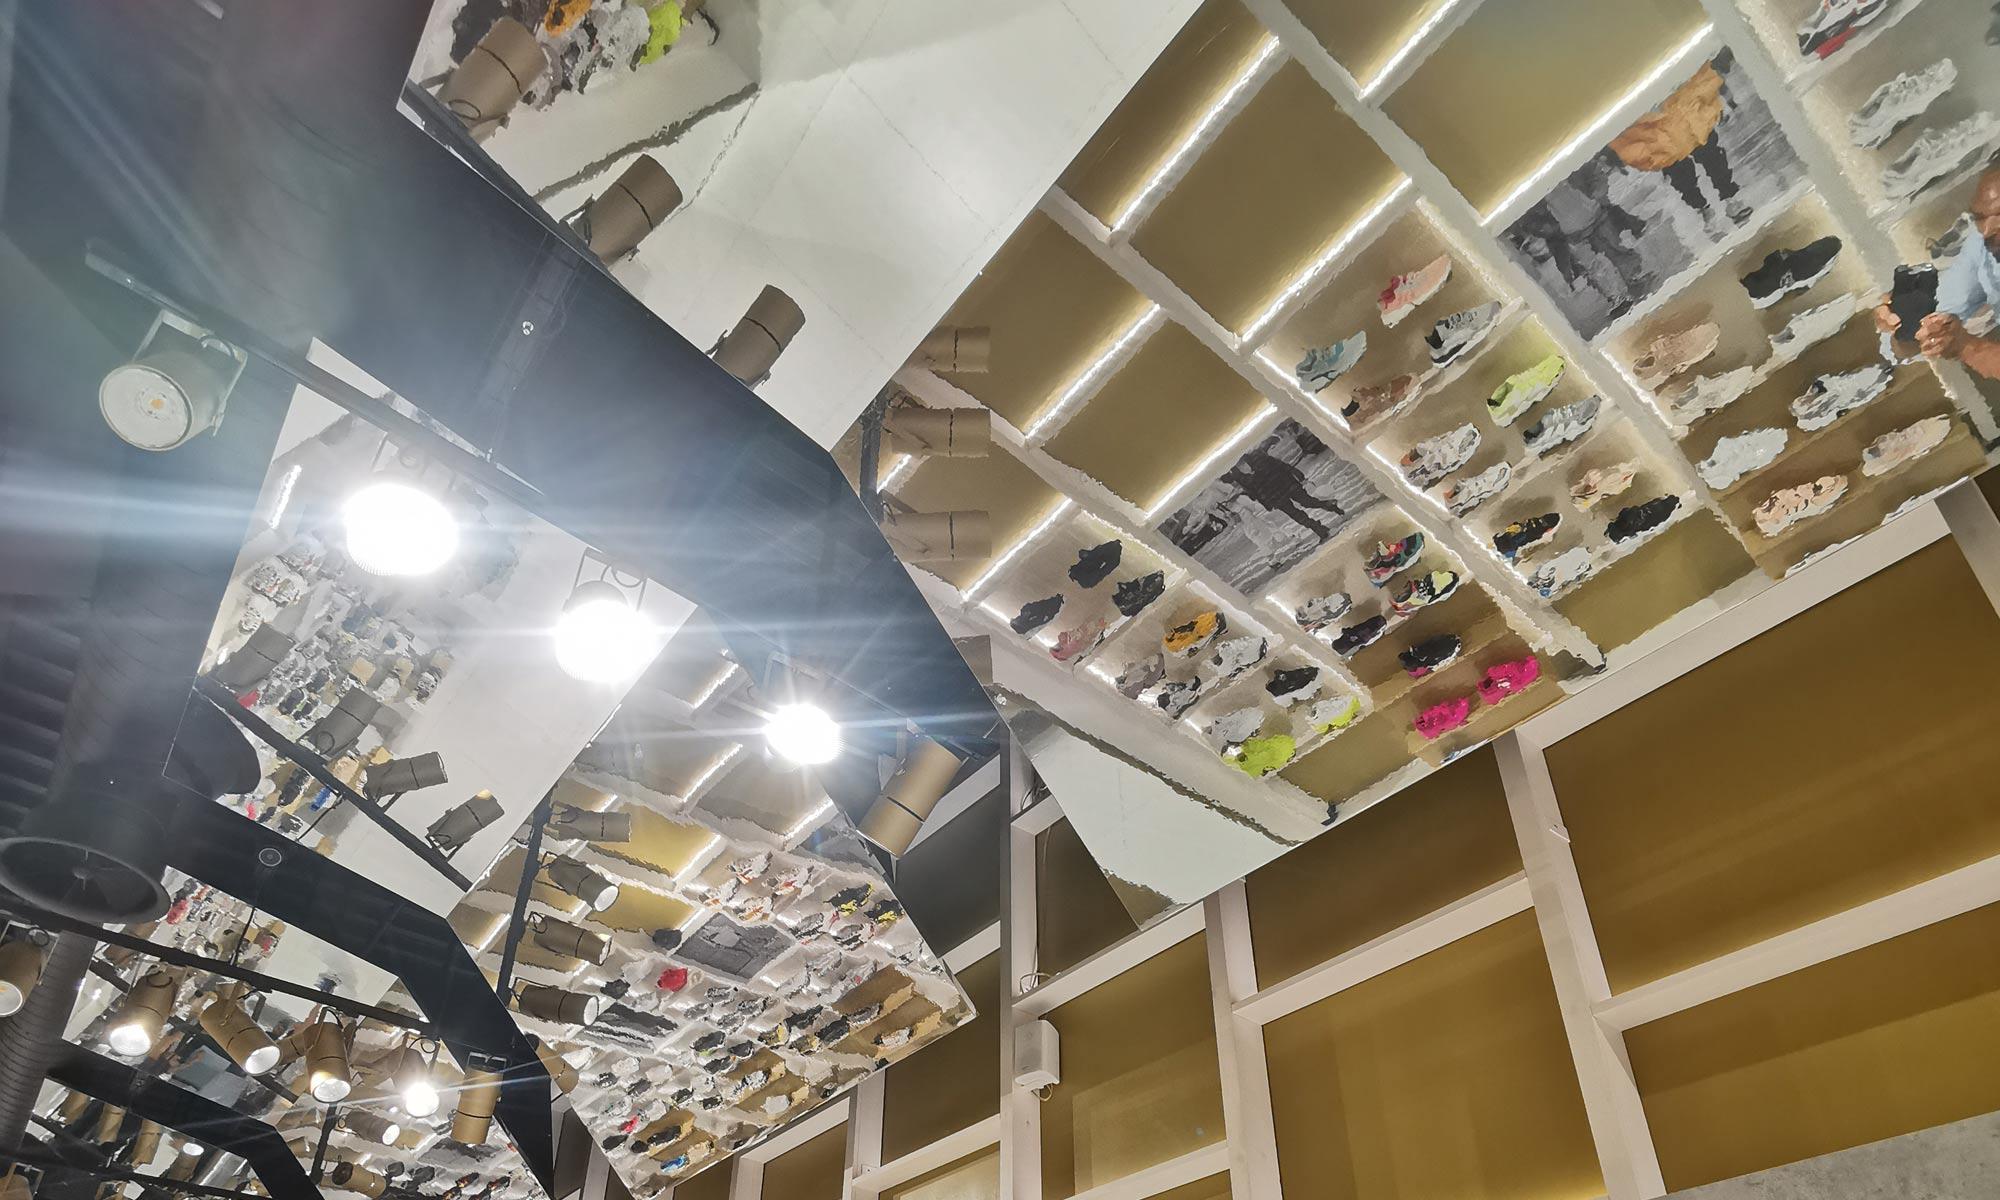 https://www.atelierzoz.com/wp-content/uploads/2020/03/works_atelierzoz_sneakershero-nicosia-2.jpg